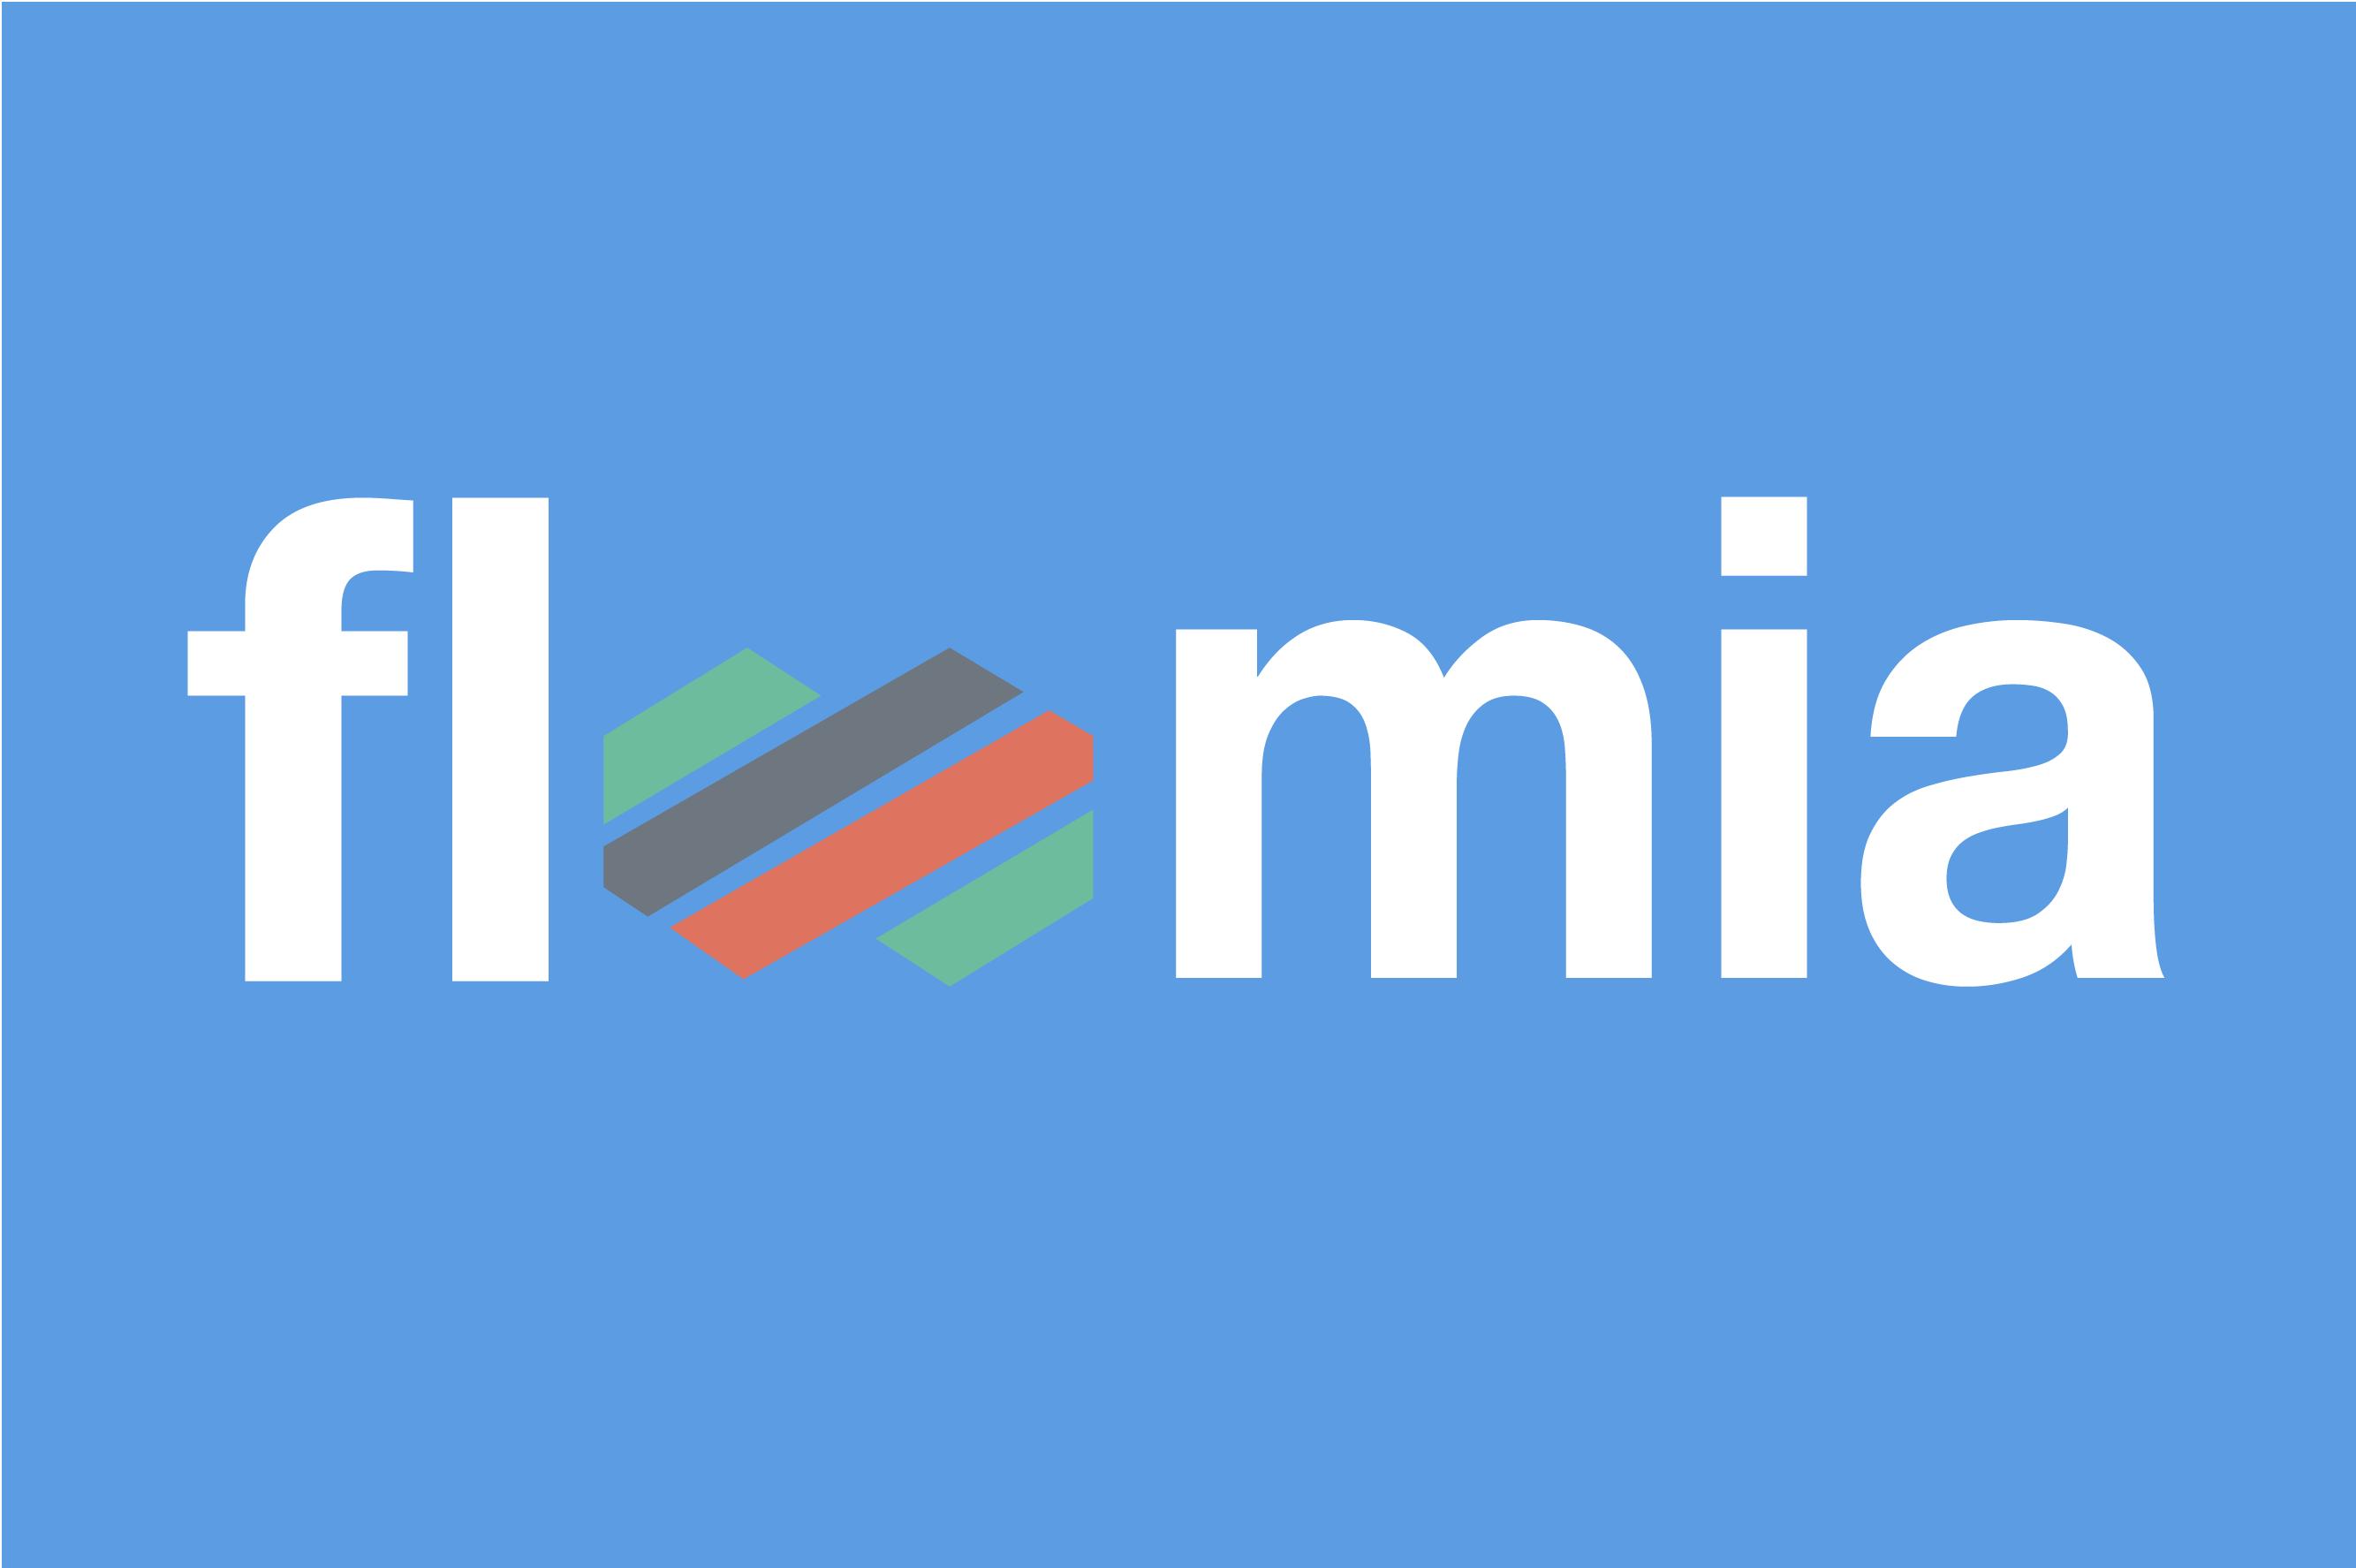 floomia logo